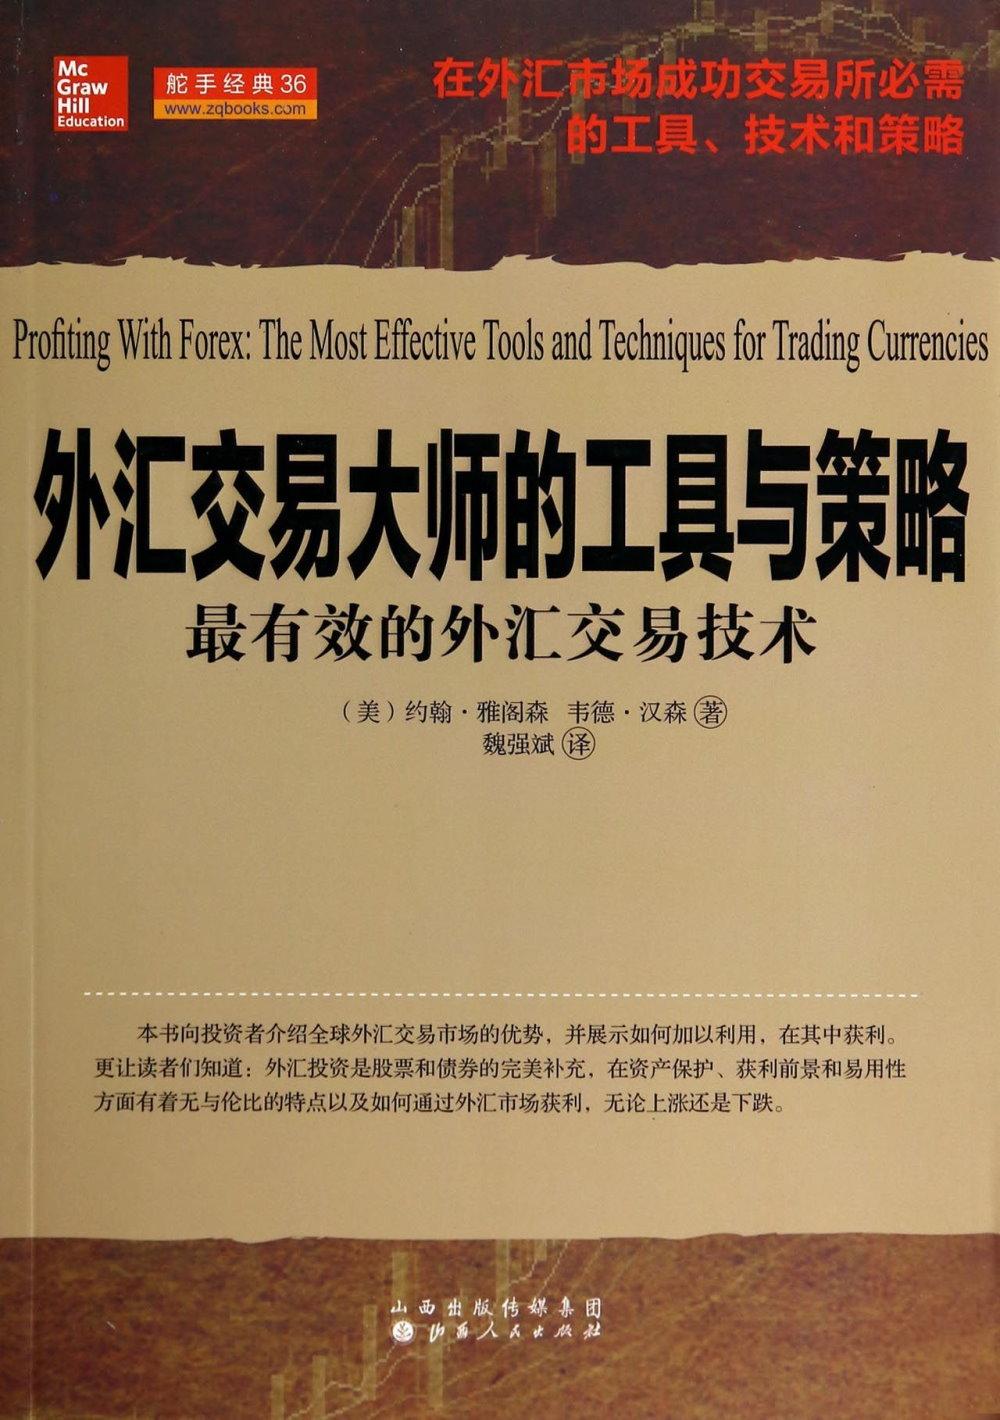 外匯交易大師的工具與策略:最有效的外匯交易技術